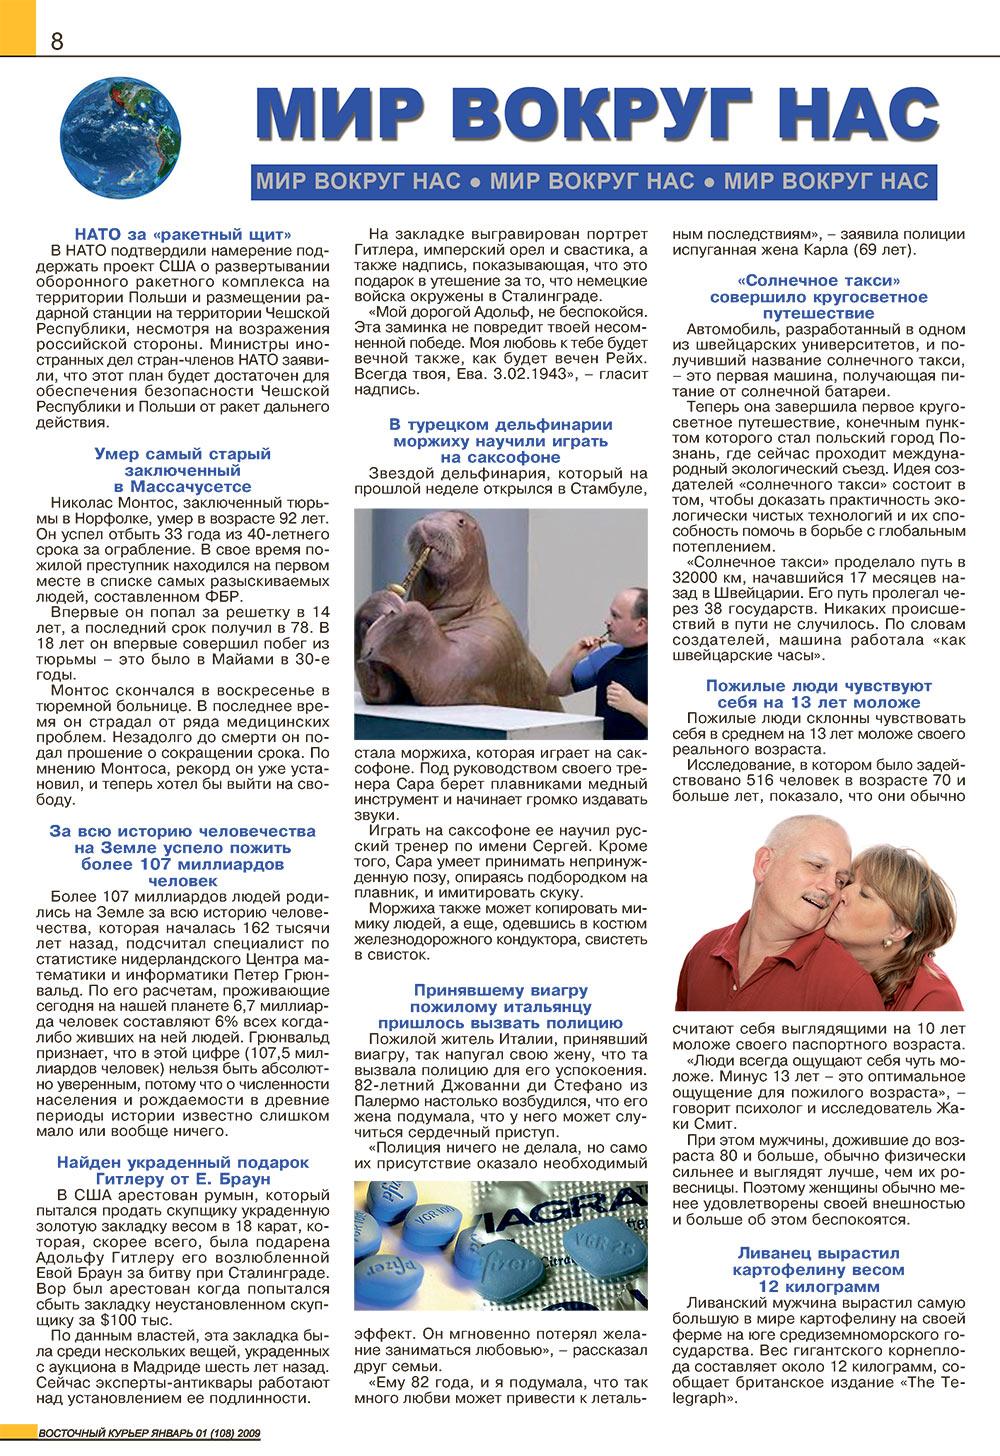 Восточный курьер (журнал). 2009 год, номер 1, стр. 8